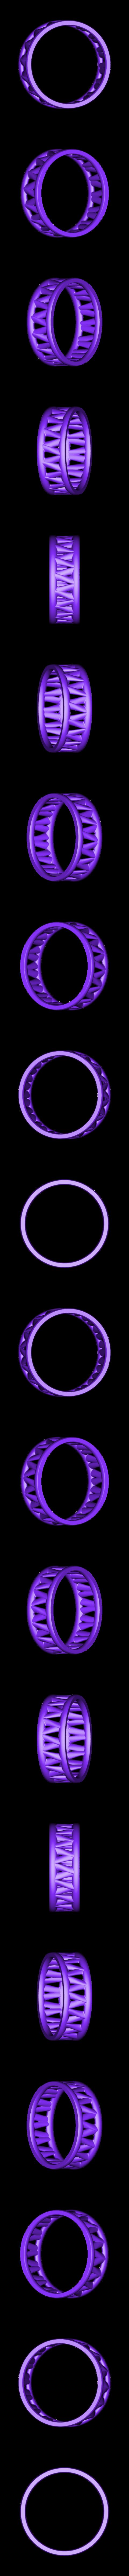 PI-Bracelet-ring_3.2.stl Télécharger fichier STL gratuit Bracelet Palmiga - Collection Bague • Plan imprimable en 3D, Palmiga